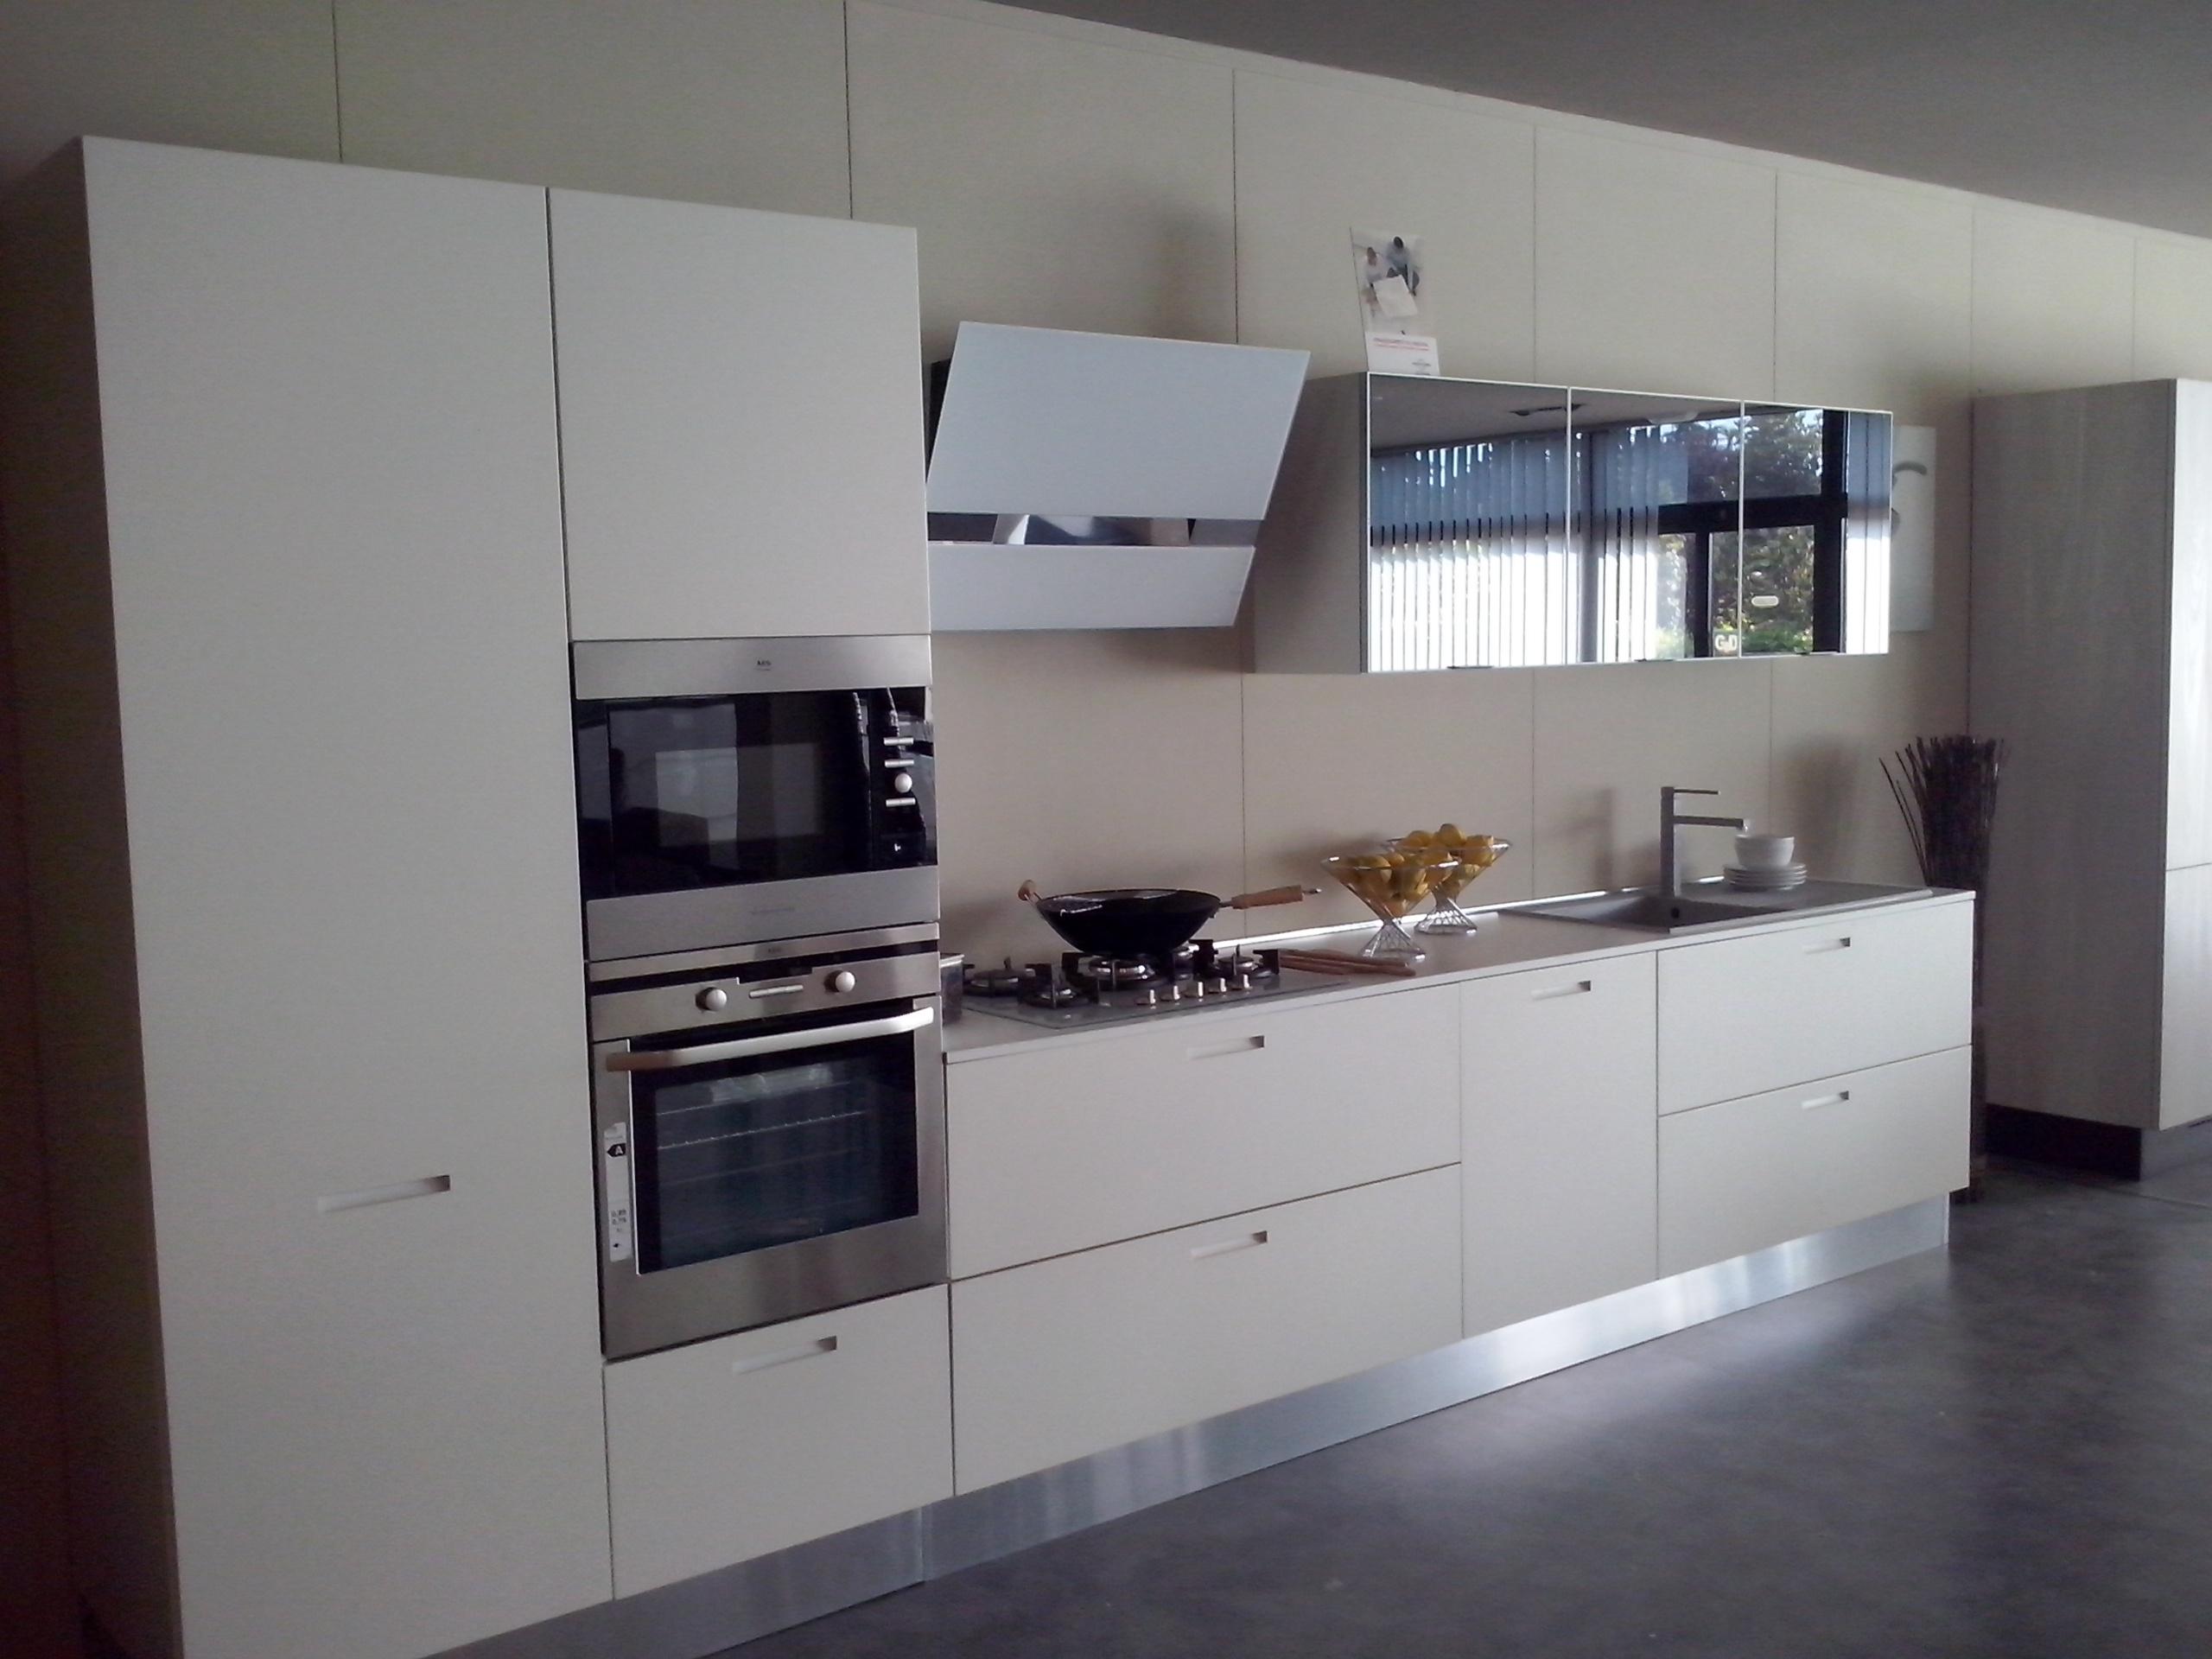 Cucina valdesign cucine cucina laccata bianco opaco con - Mercatone uno cucine pronta consegna ...